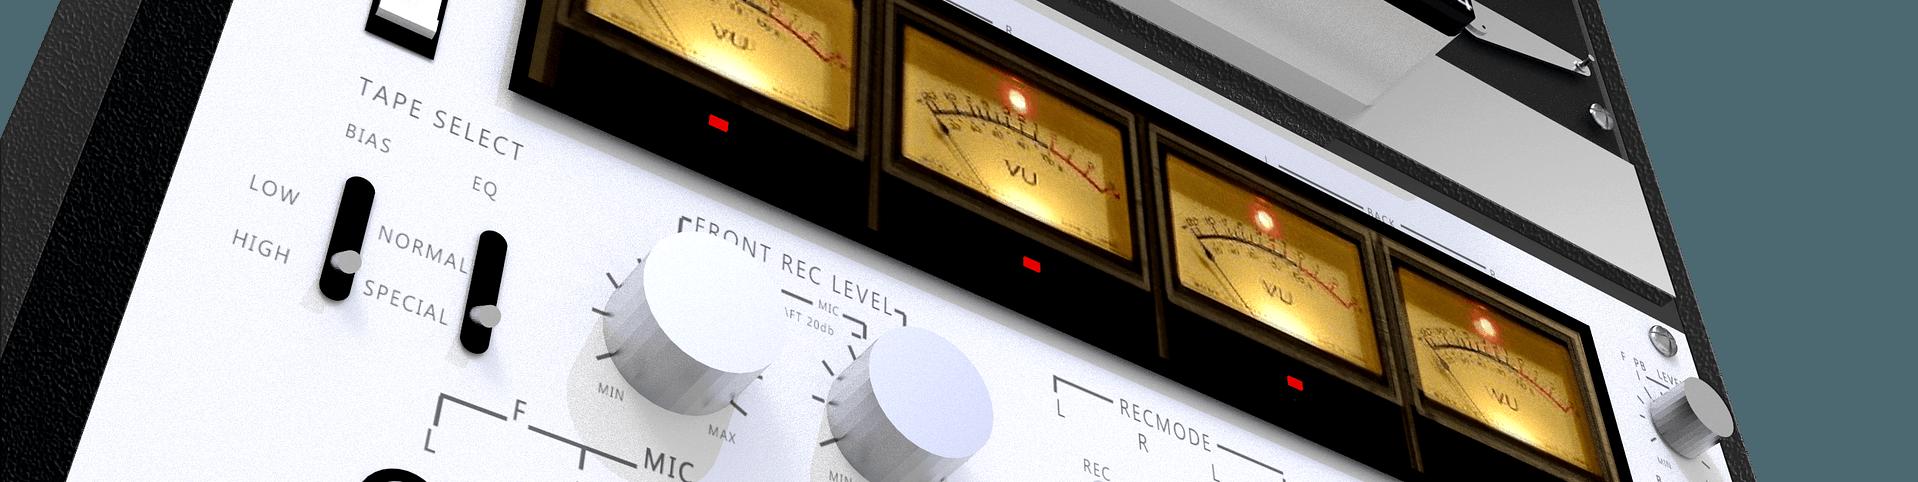 VU meters on a reel to reel